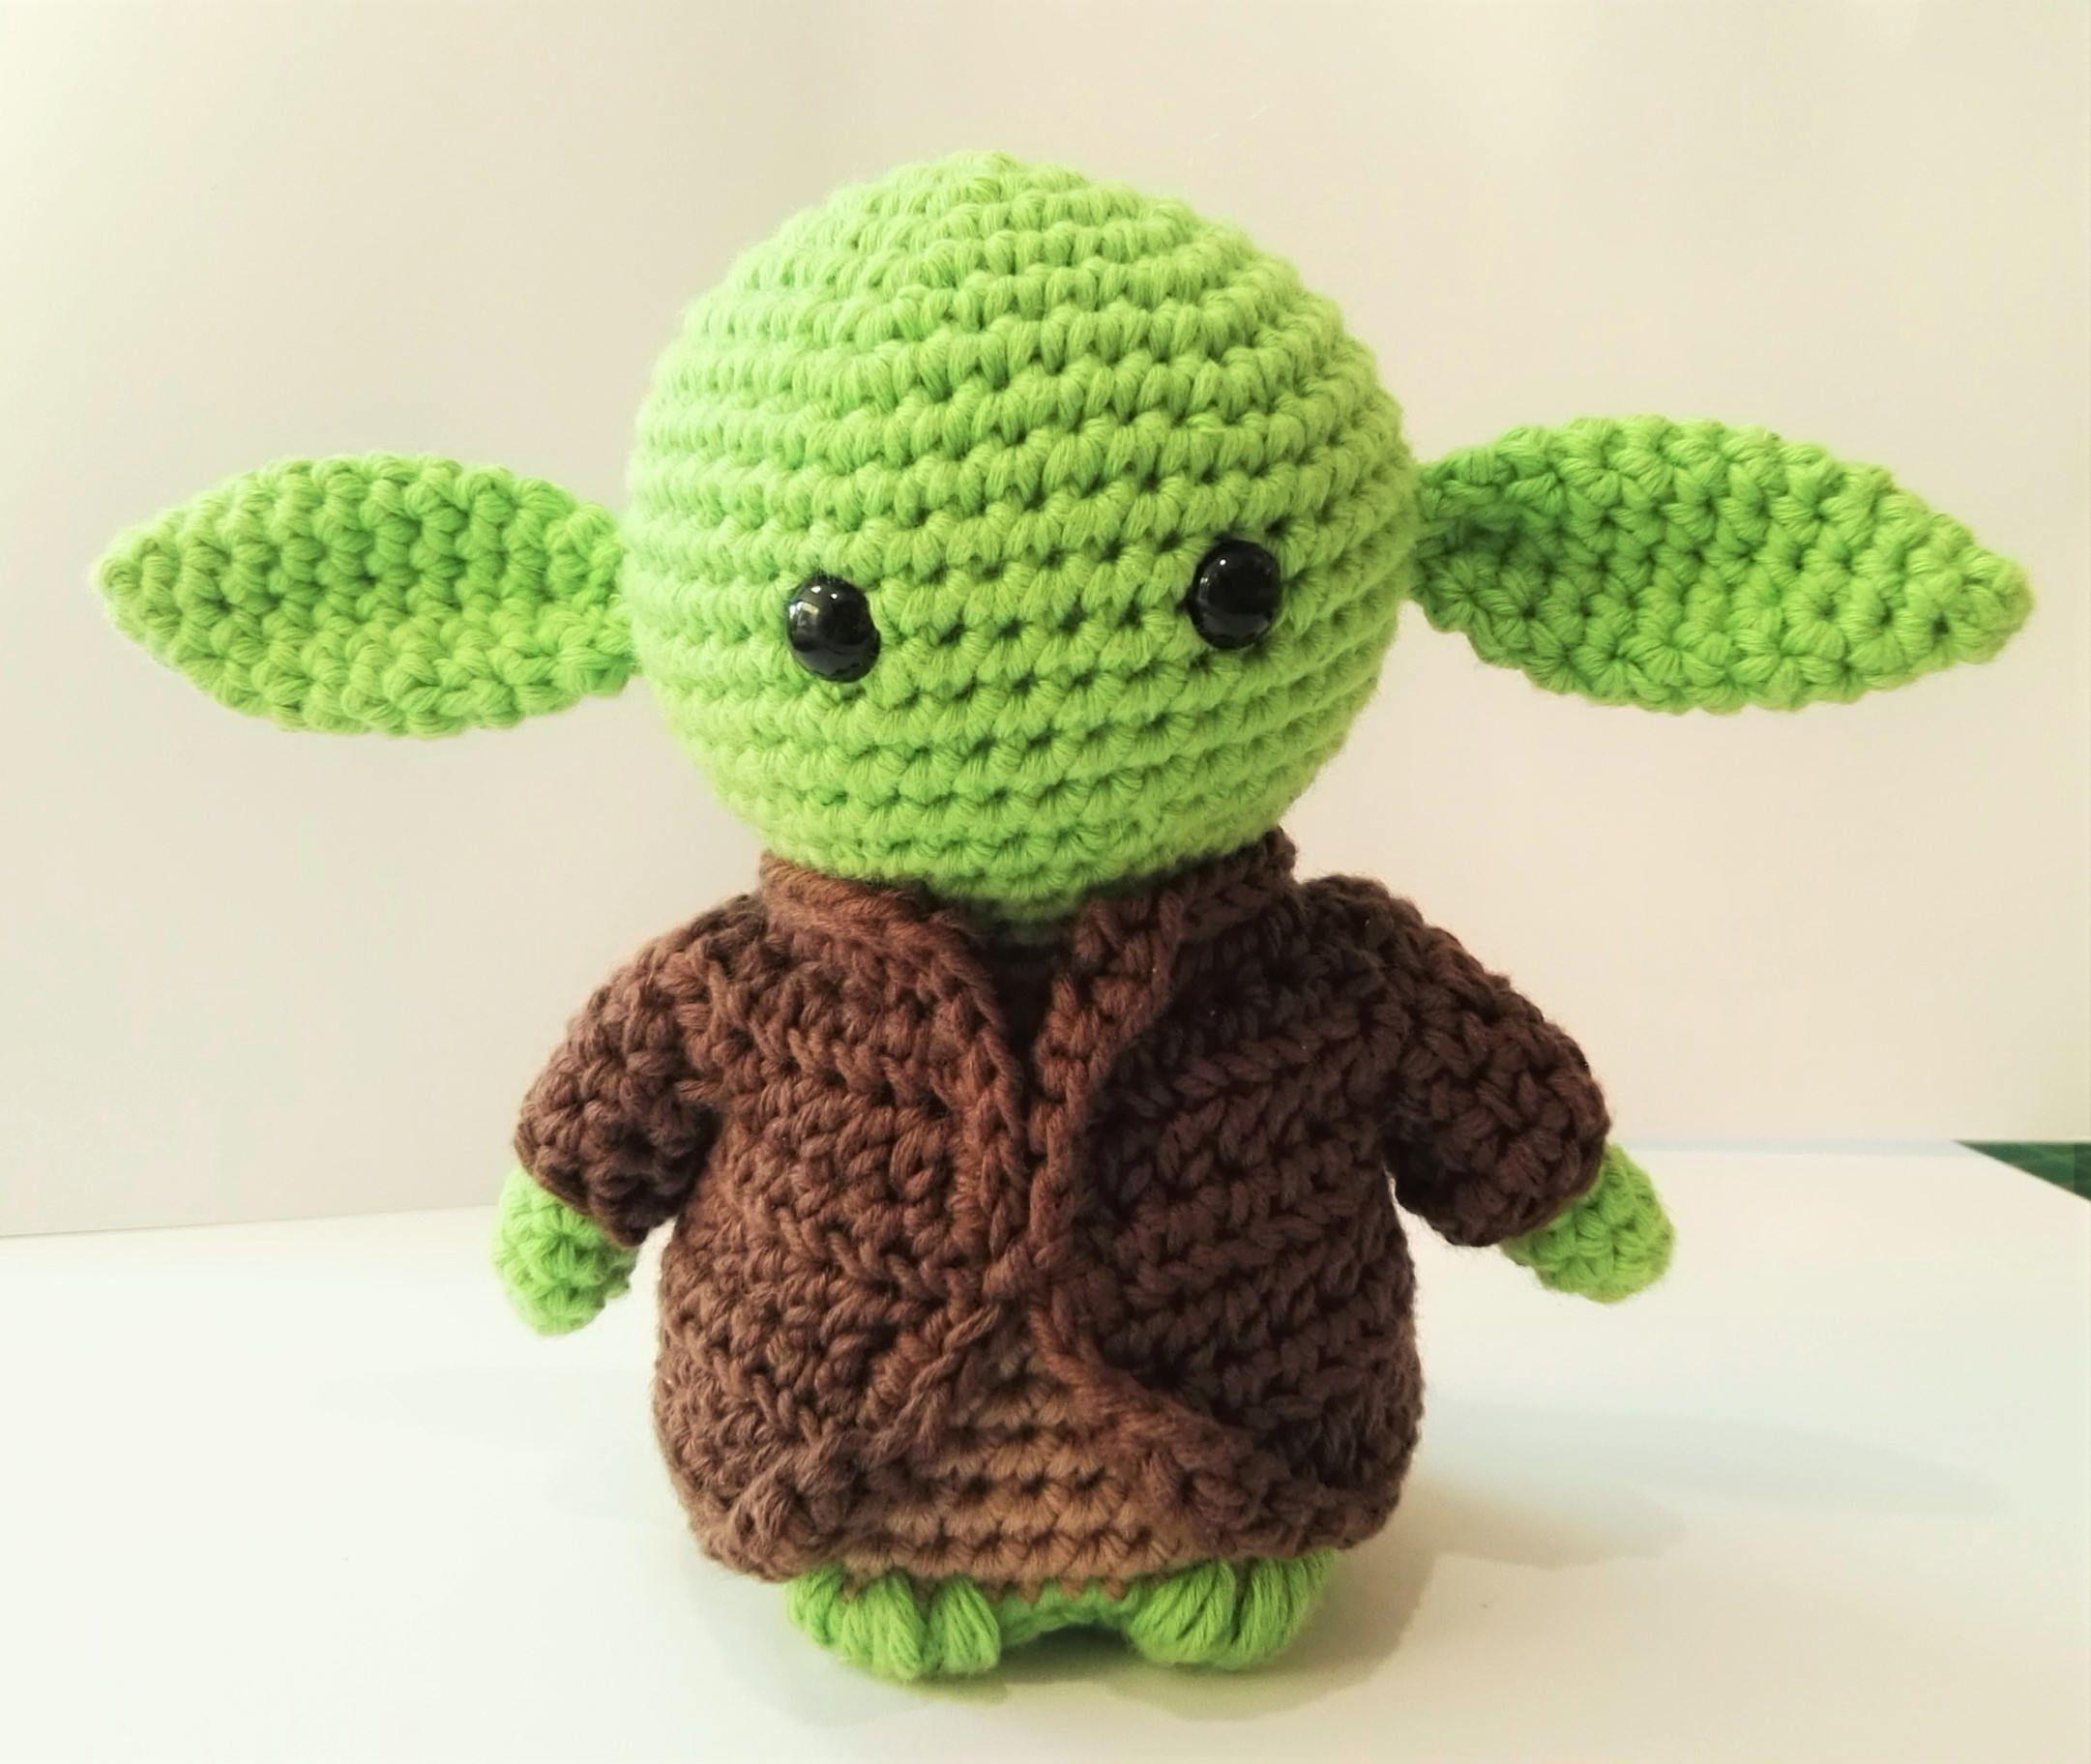 Großzügig Stricken Yoda Hutmuster Fotos - Strickmuster-Ideen ...